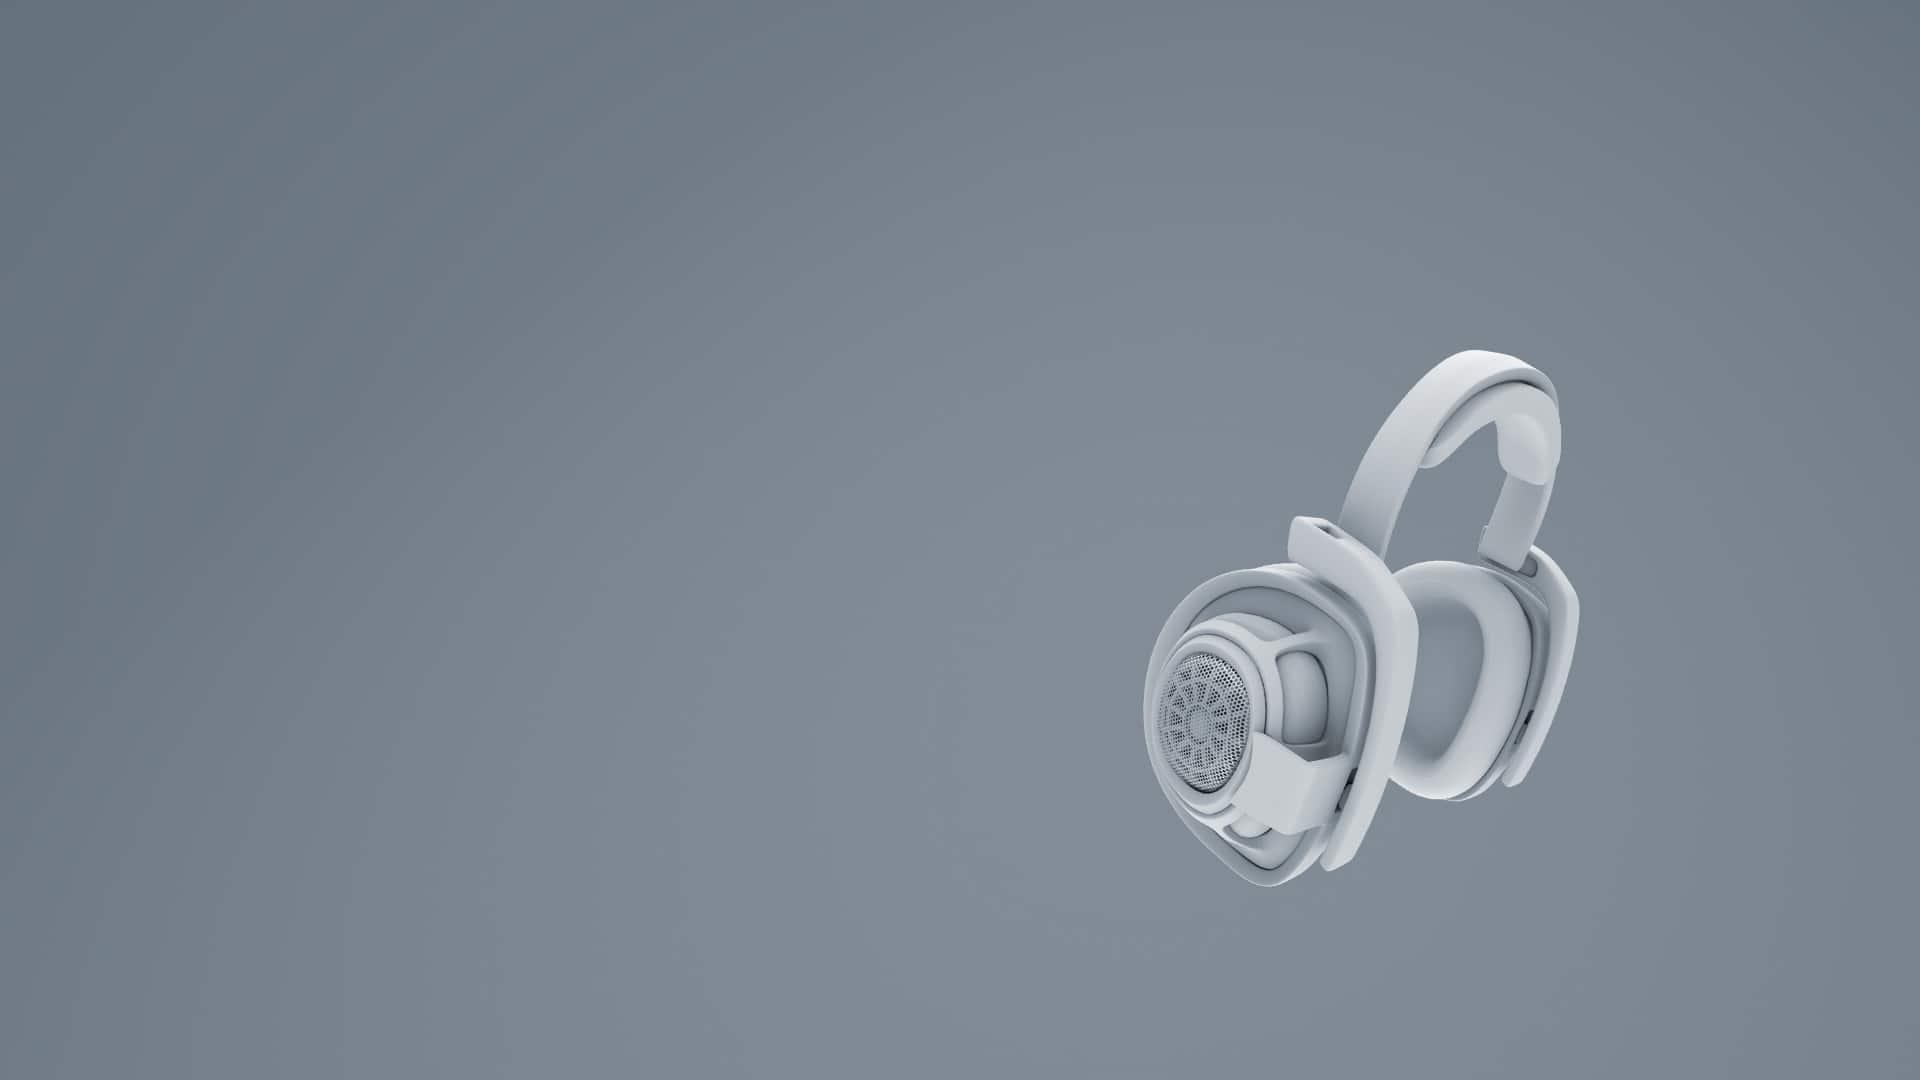 clienti-clients-cuffia-headphones-speakeraggio-milano